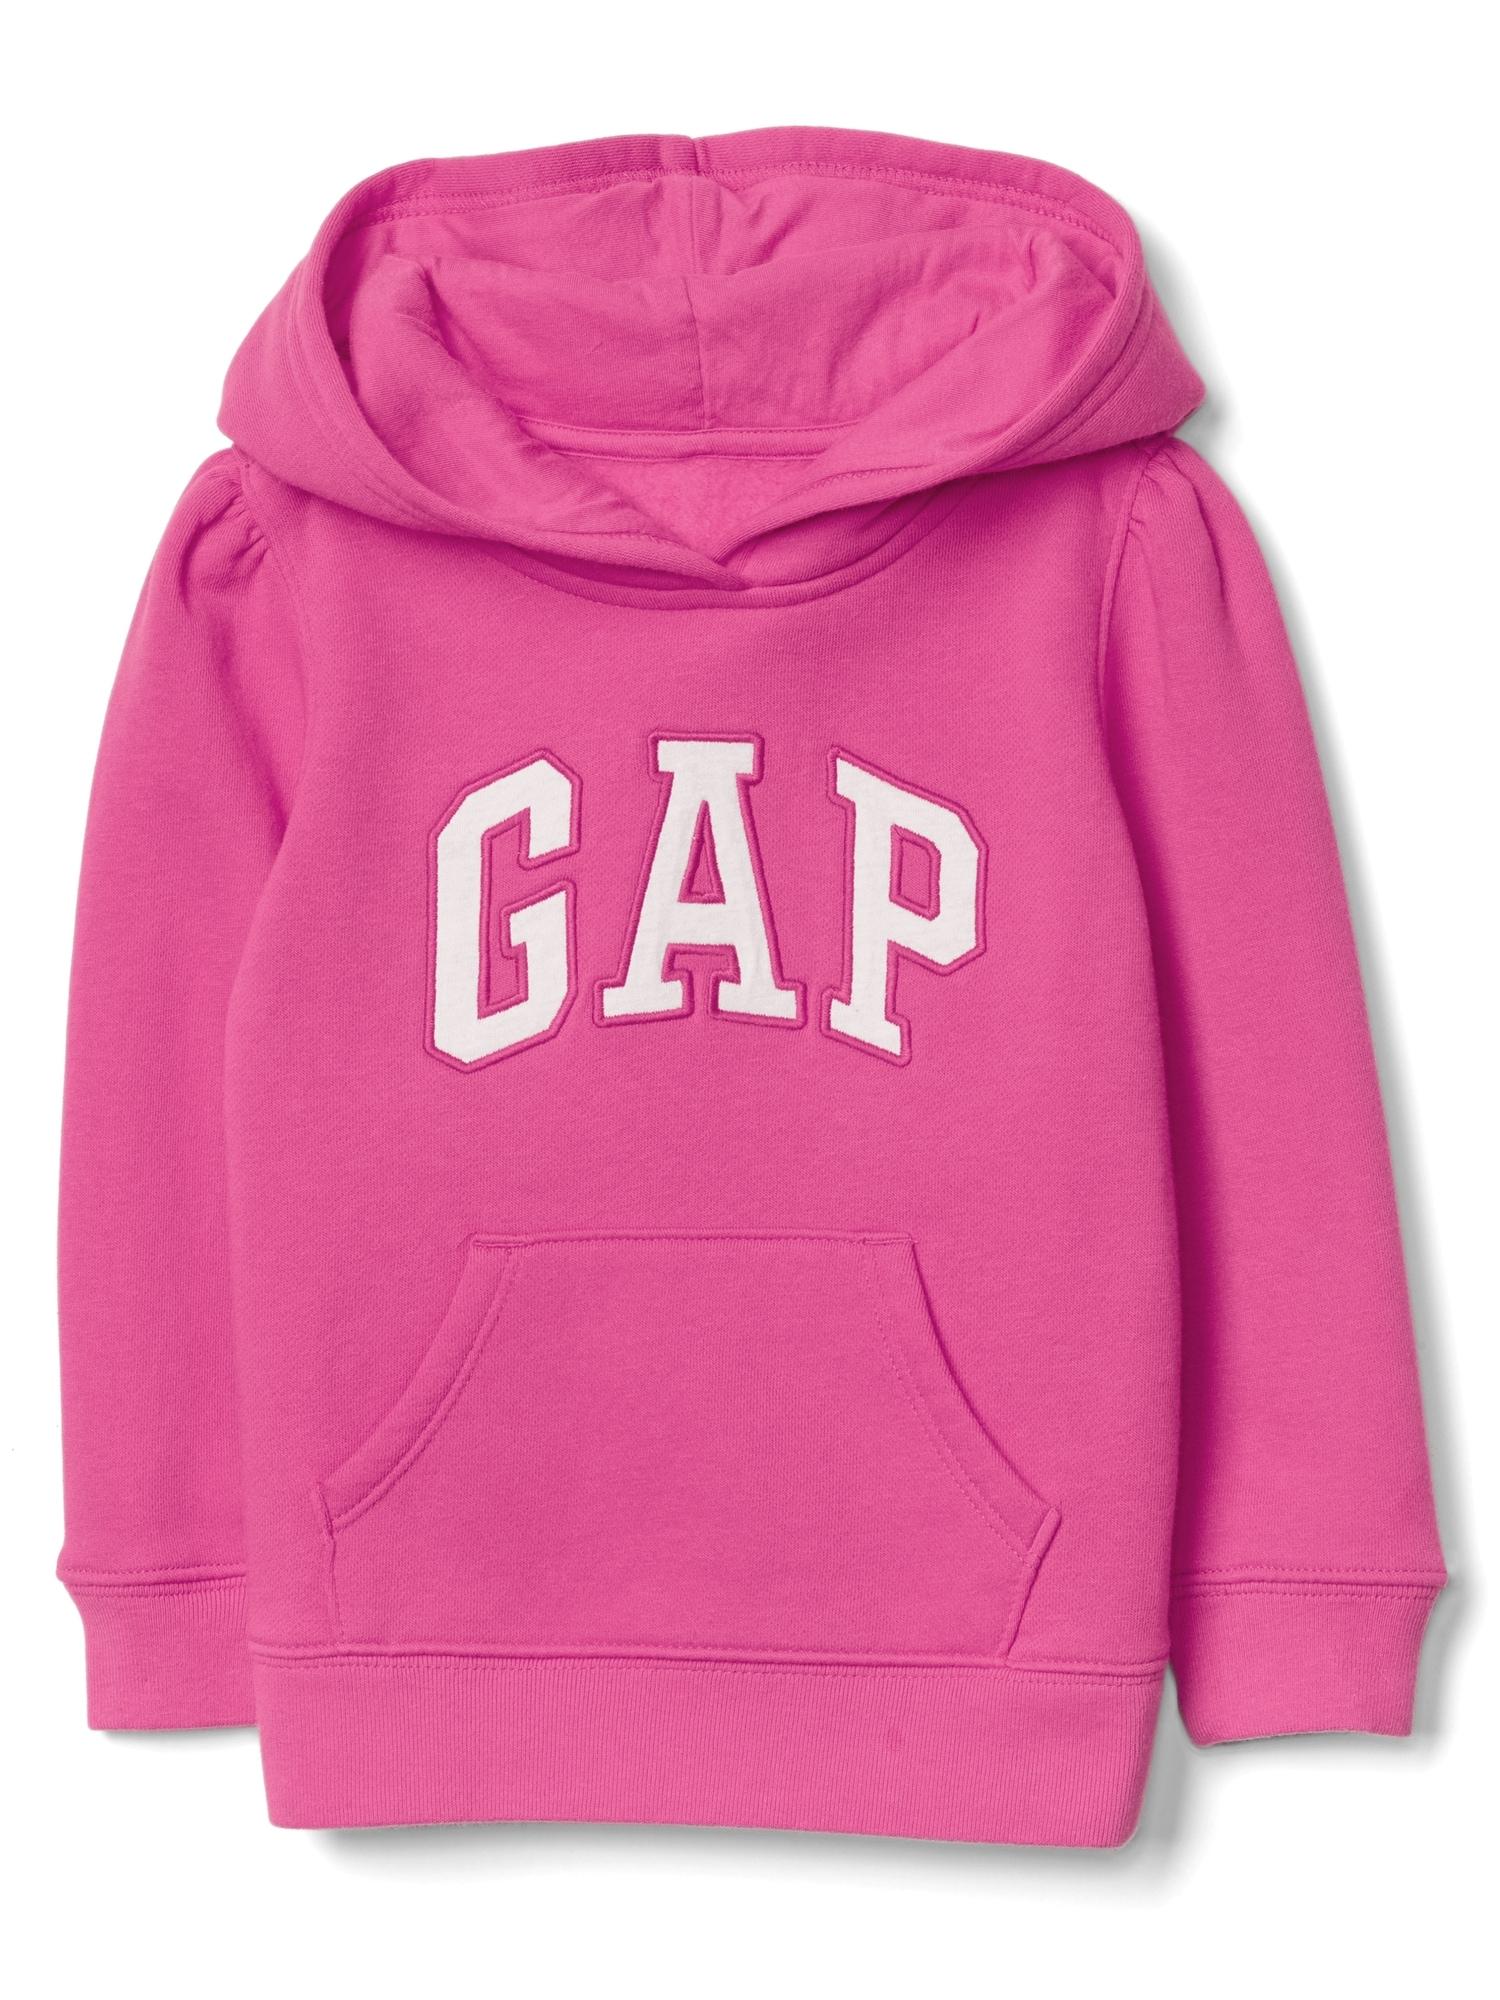 gap kids outlet